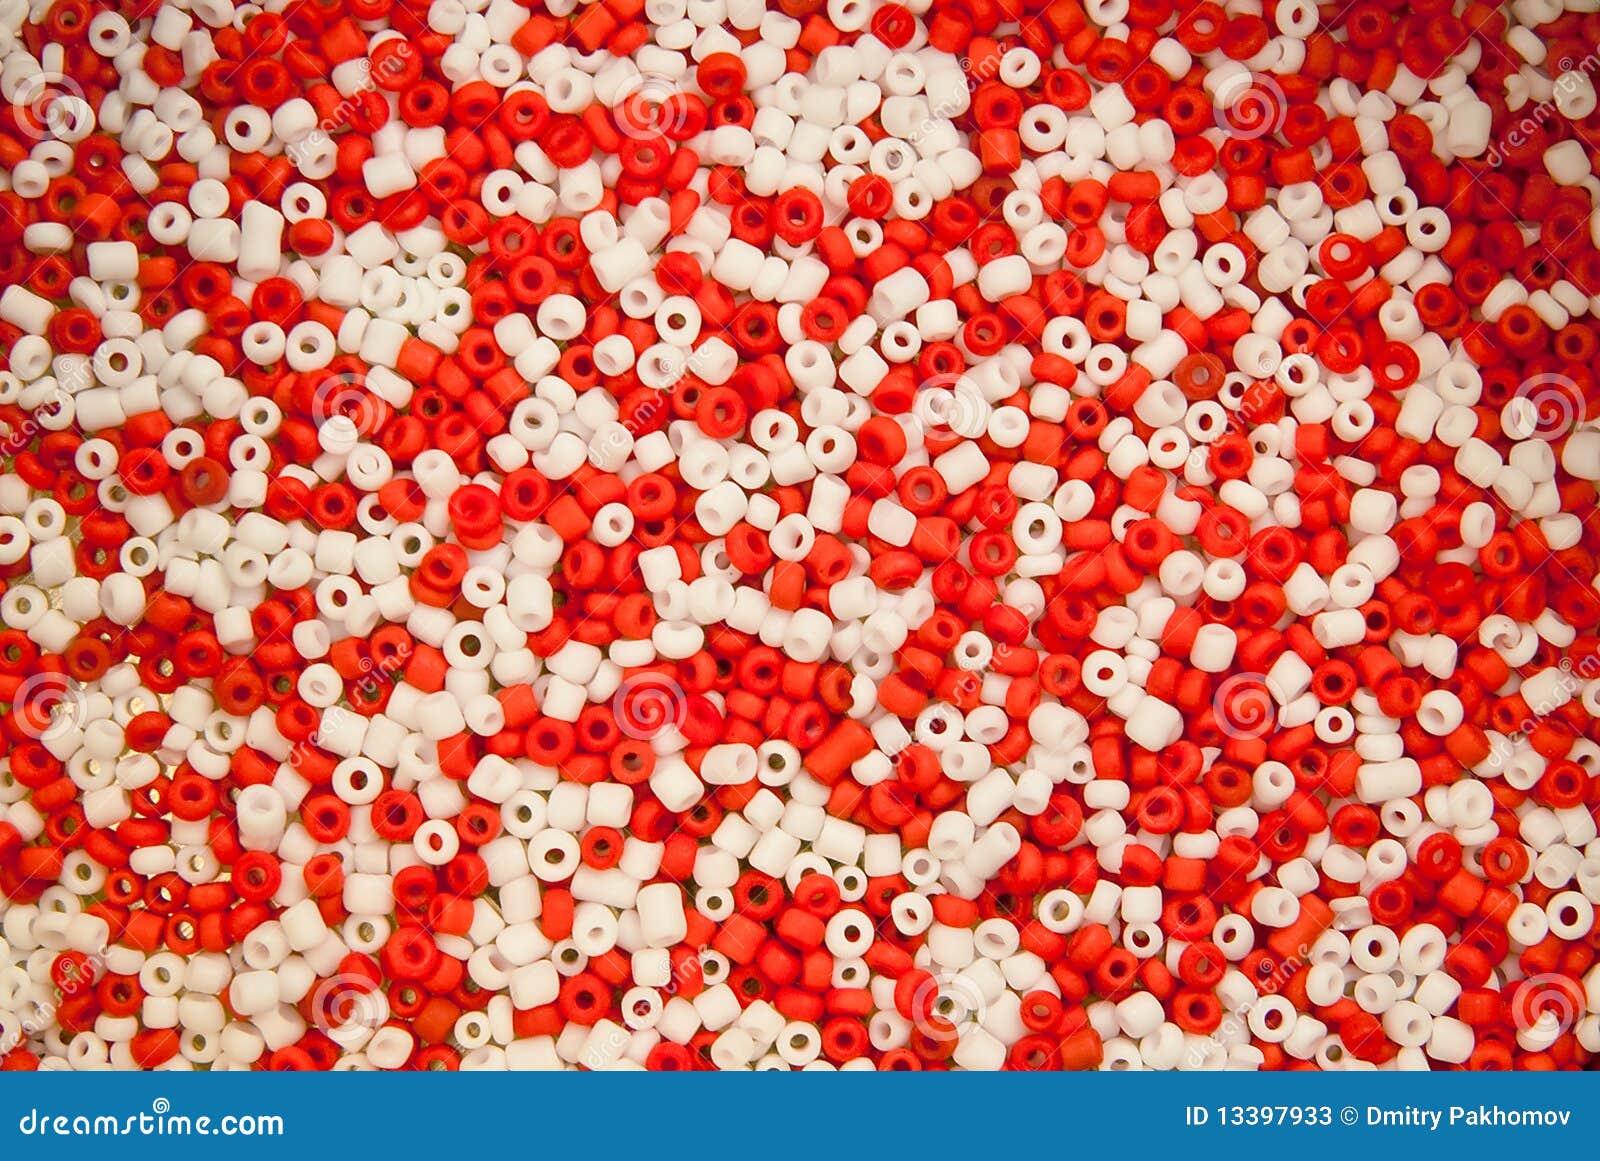 Um montão de grânulos cerâmicos